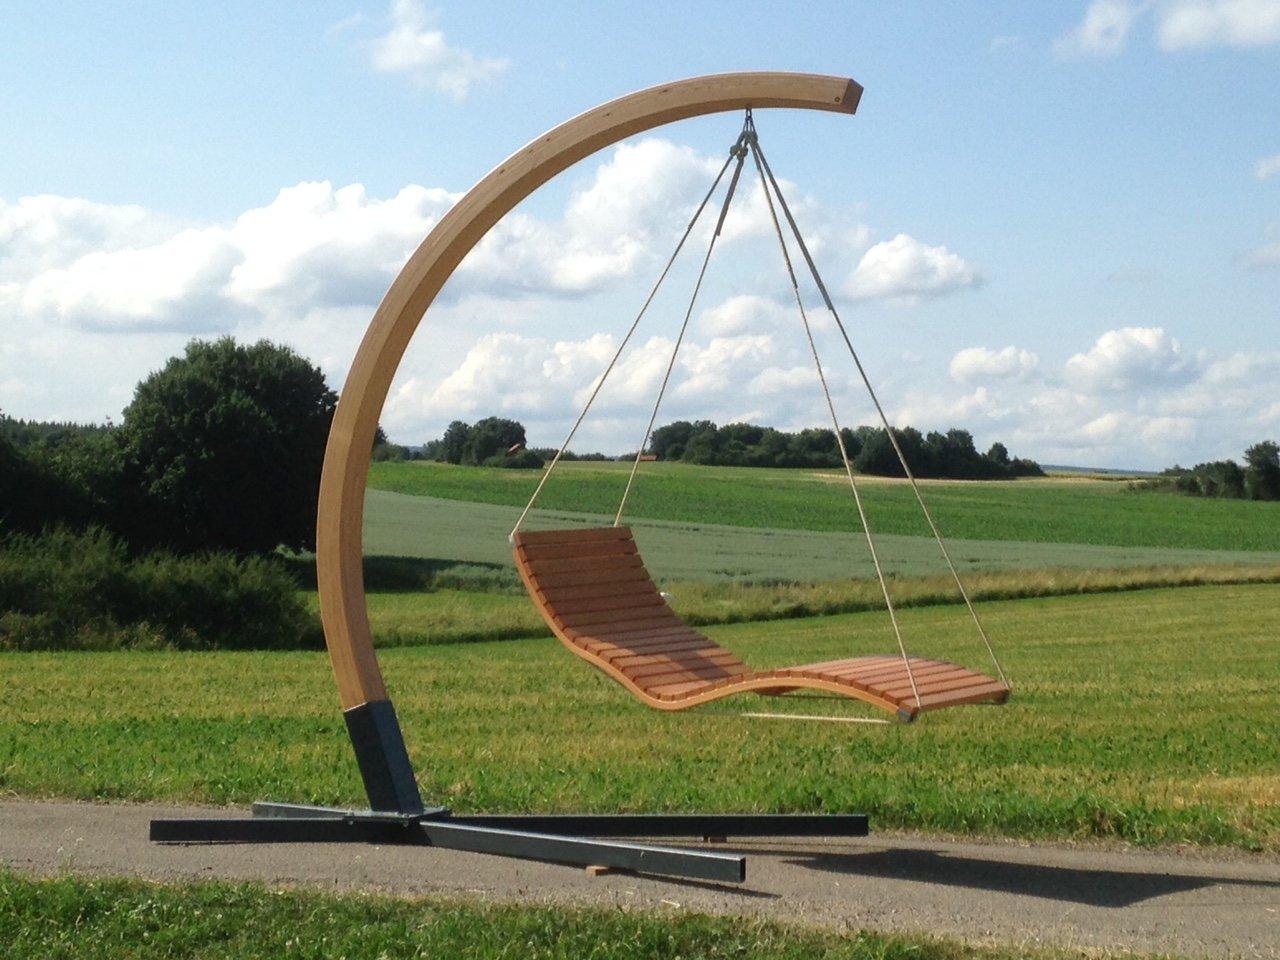 Aufhängebogen mit Stahlfuß für Hängeliege aus Holz, für den Garten, Sonnenliege, Relaxliege, Gartenliege, Schwebeliege online bestellen